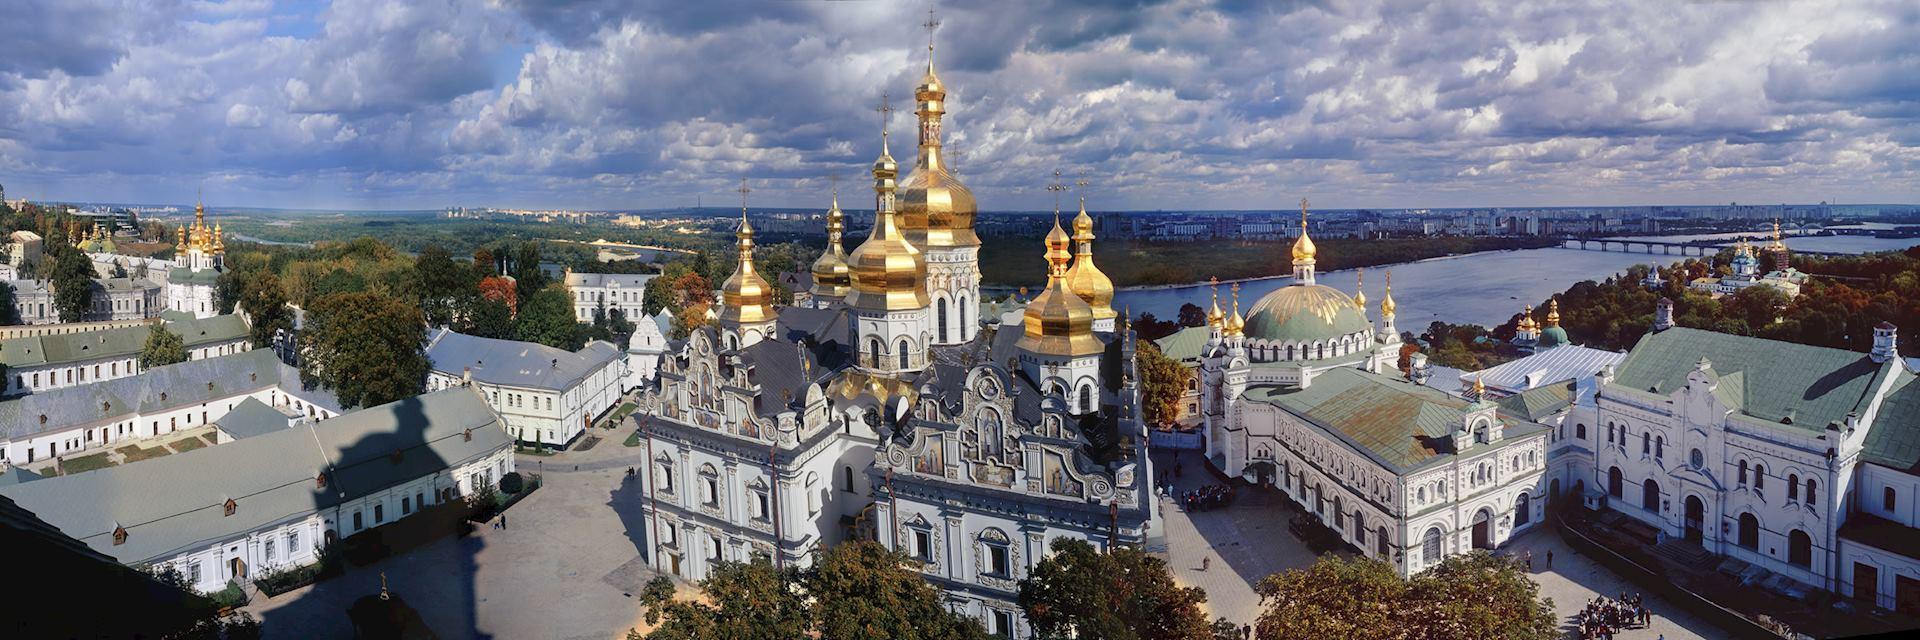 Kyiv-Pecherska Monastery in Kiev